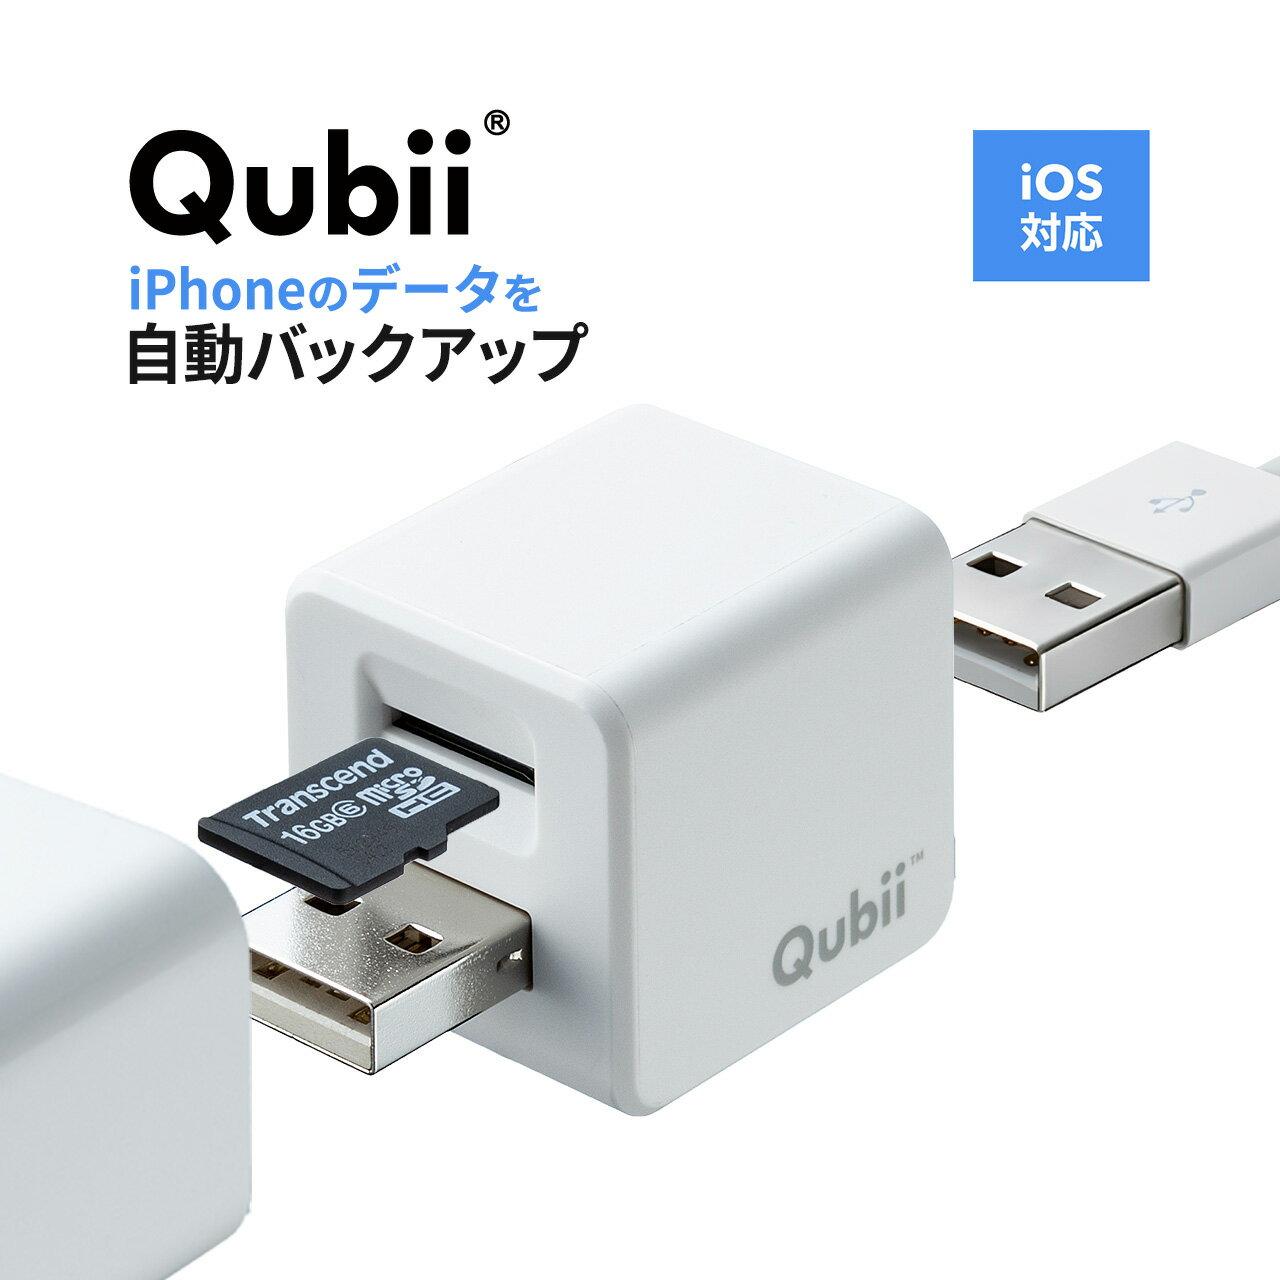 iPhoneカードリーダー iPhone バックアップ microSD 充電 カードリーダー microSDカードリーダー qubii[400-ADRIP010W]【サンワダイレクト限定品】【送料無料】